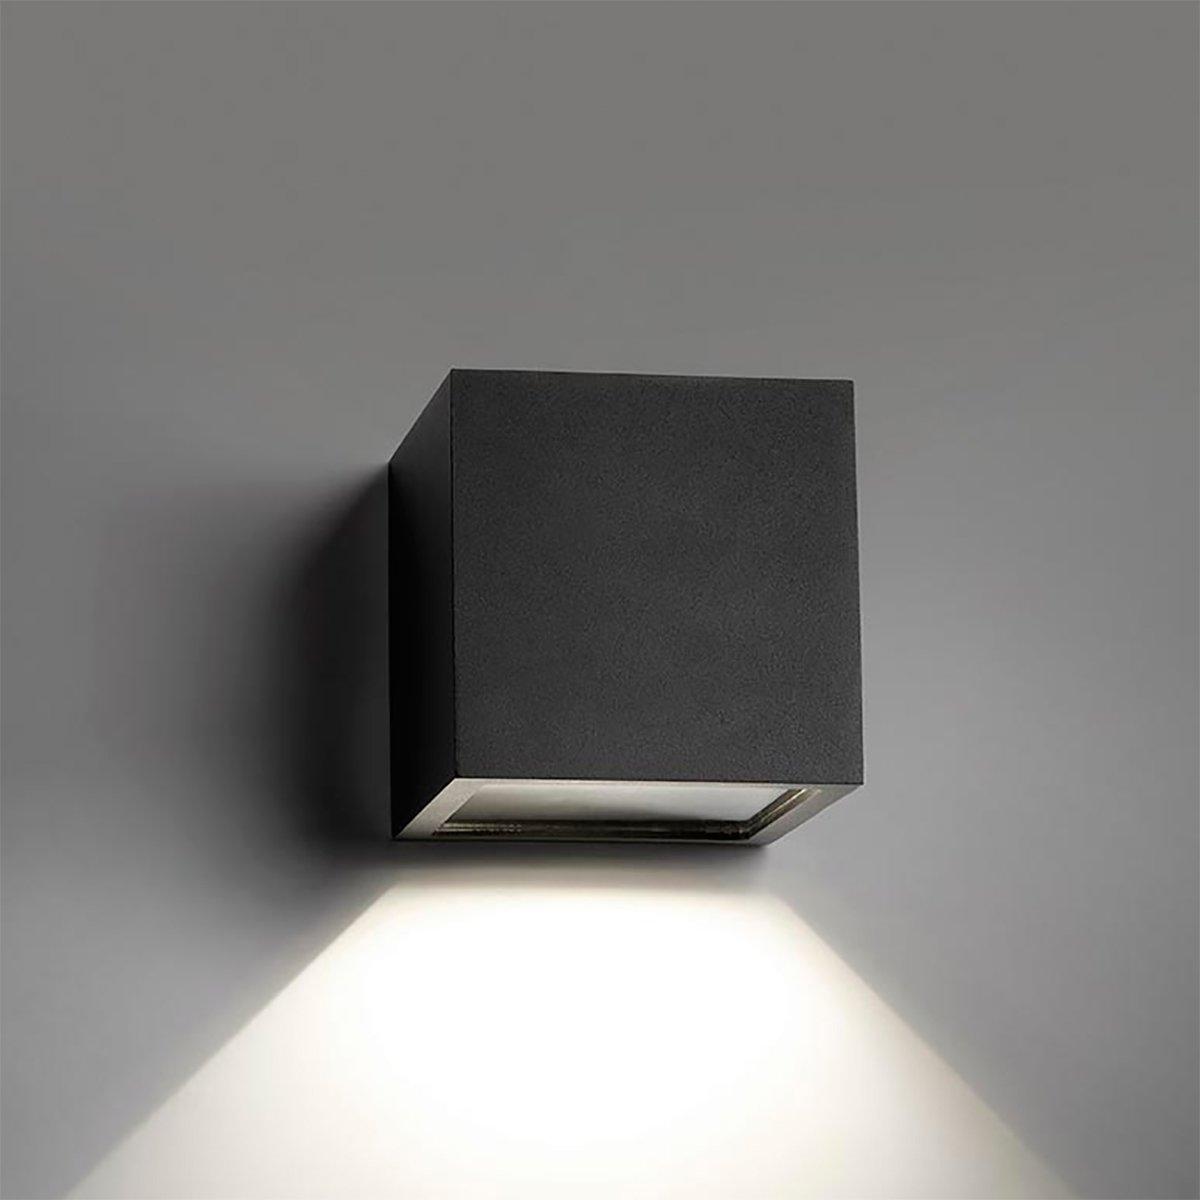 Cube Down Led Inde Eller Ude Lyser Nedad Ronni Gol Design